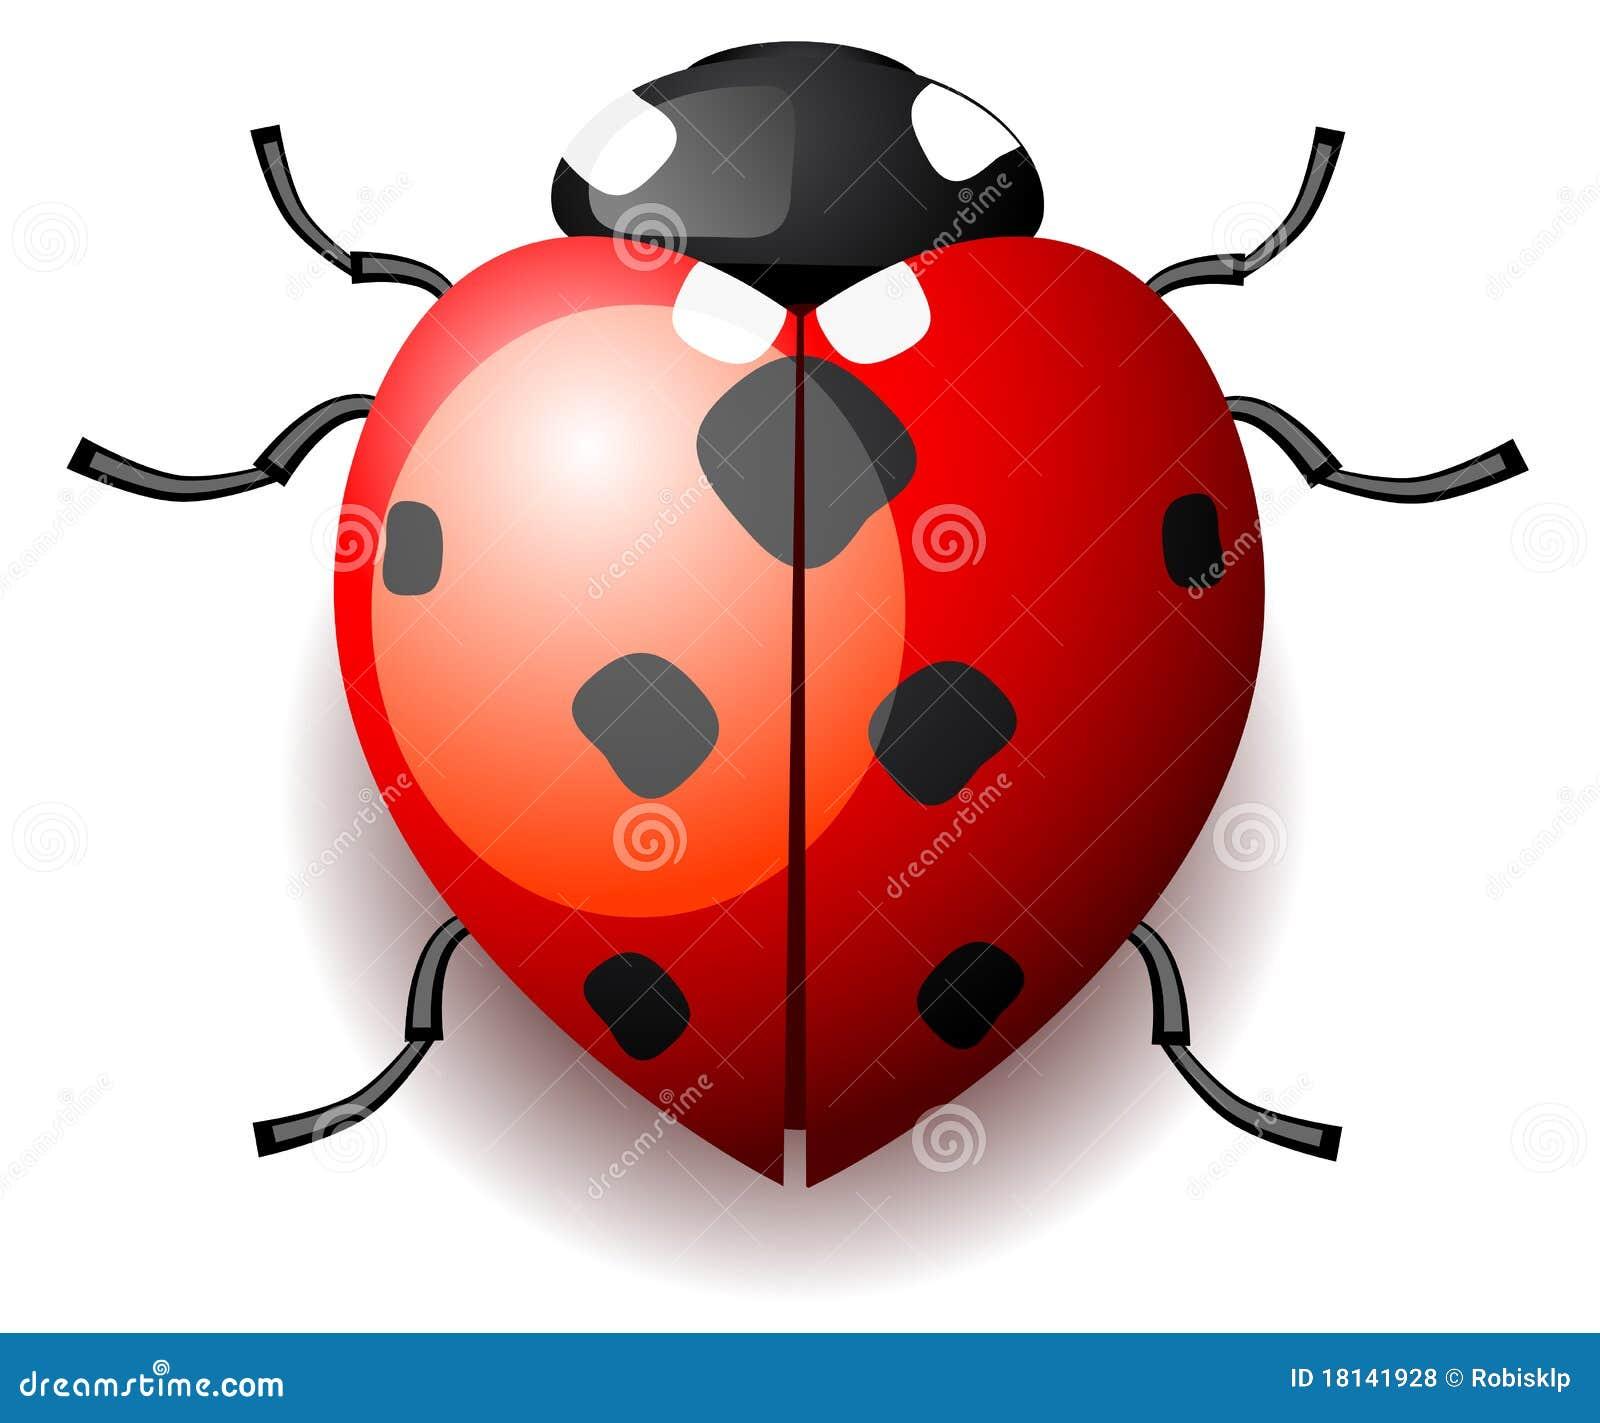 Heart Shaped Ladybug Cake